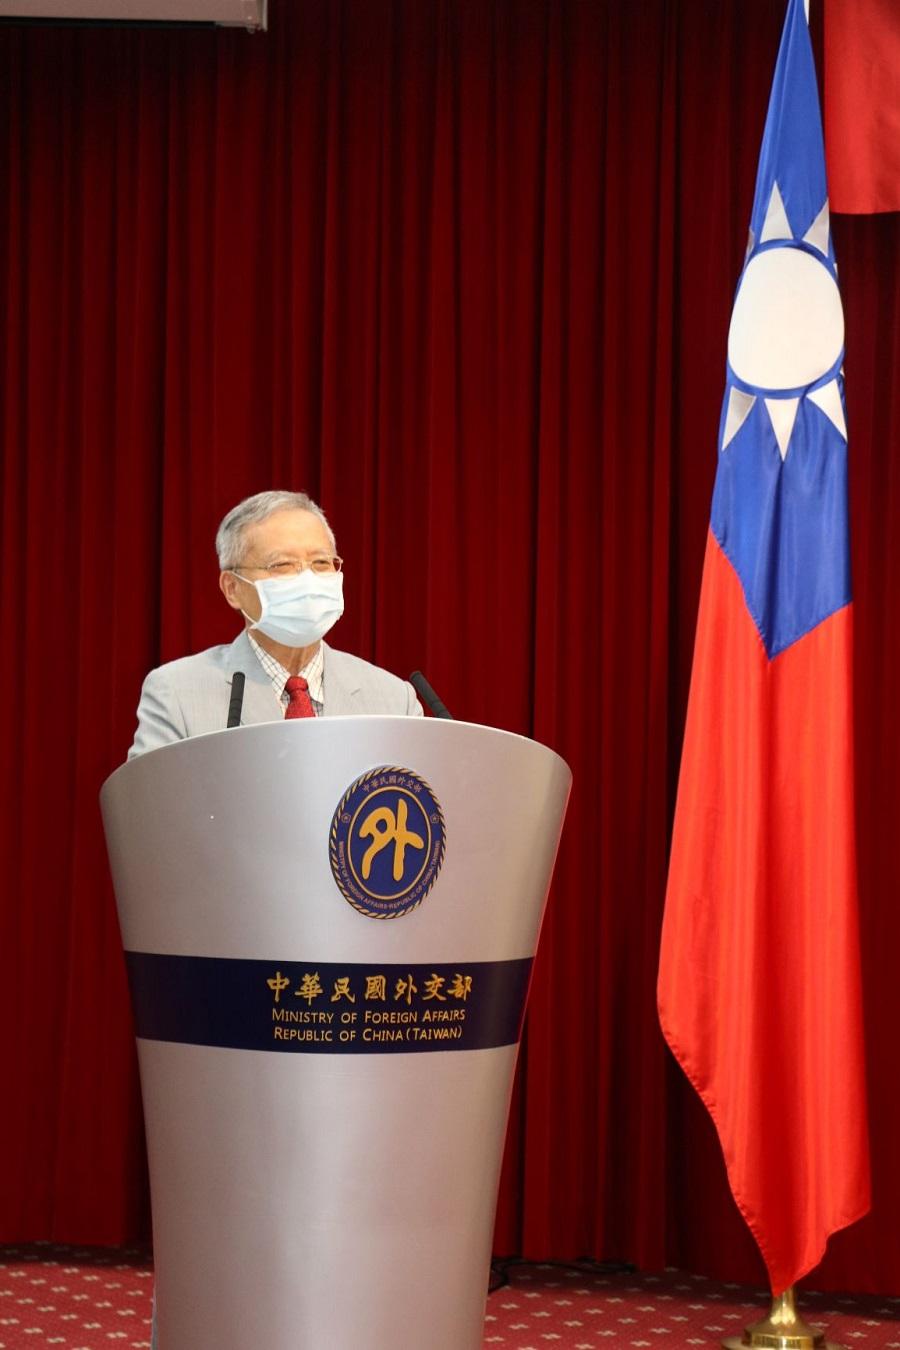 Professor Jaung-Geng Lin